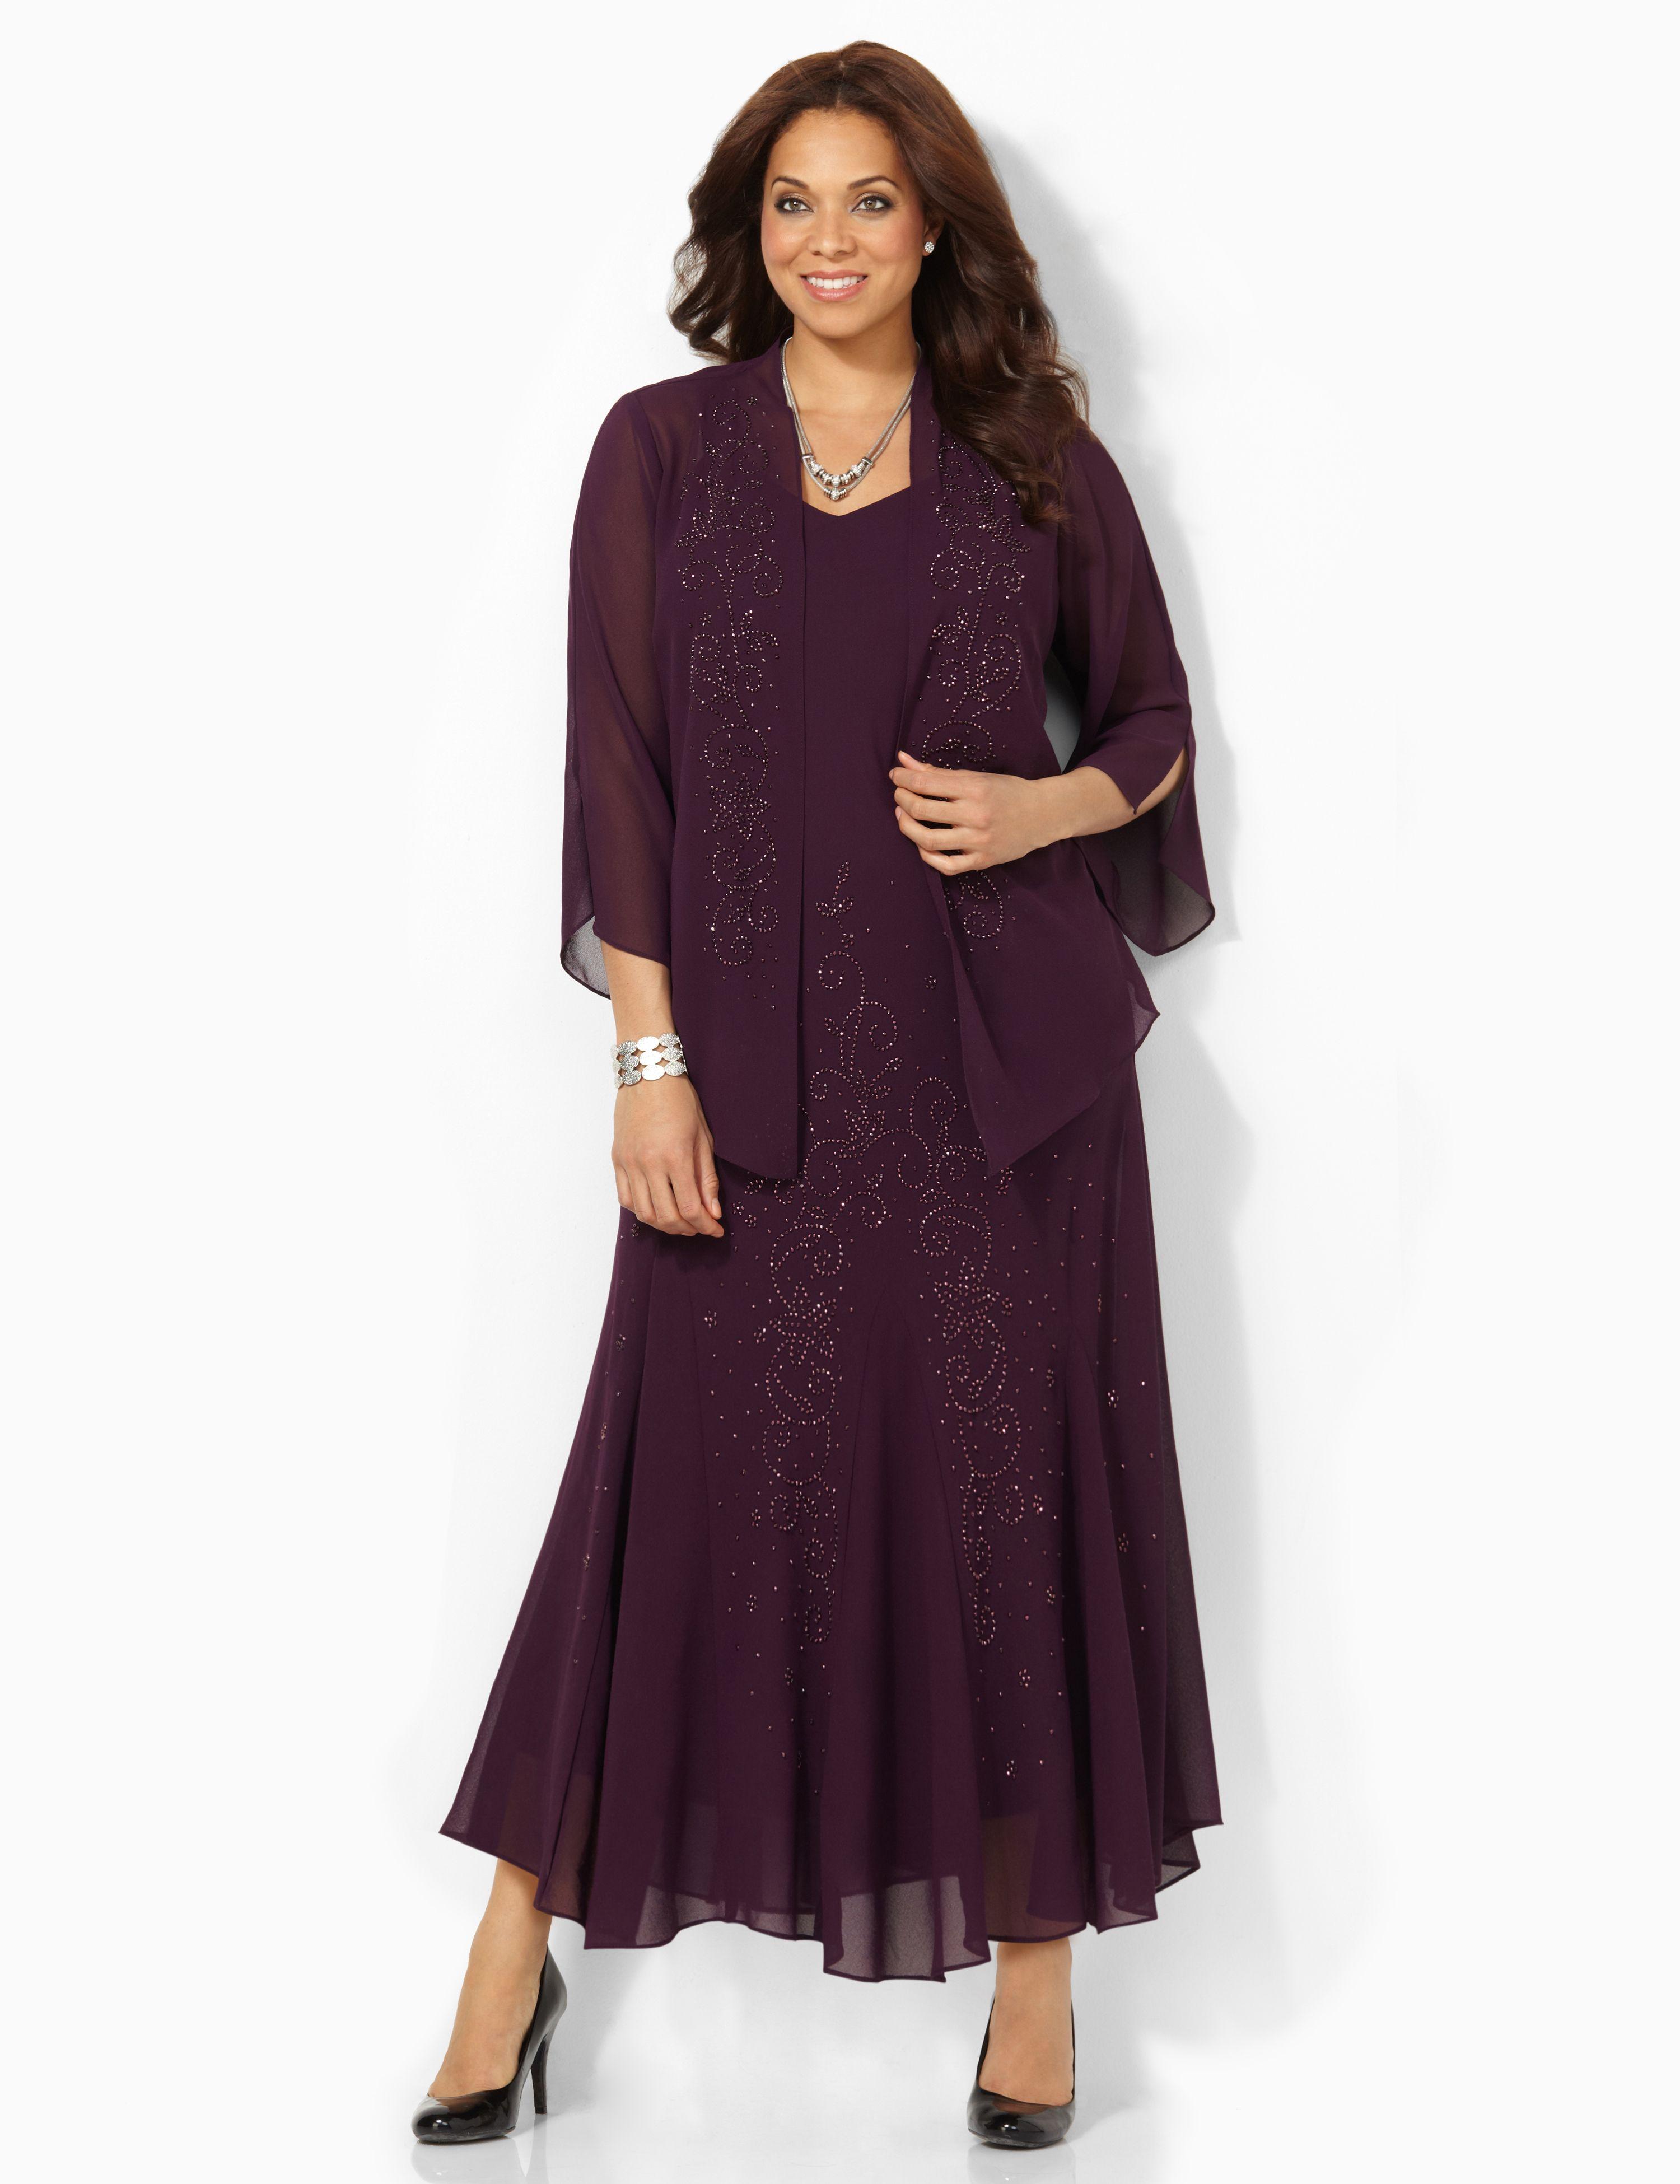 1930s Plus Size Dresses Polished Presence Jacket Dress $194.00 AT vintagedancer.com